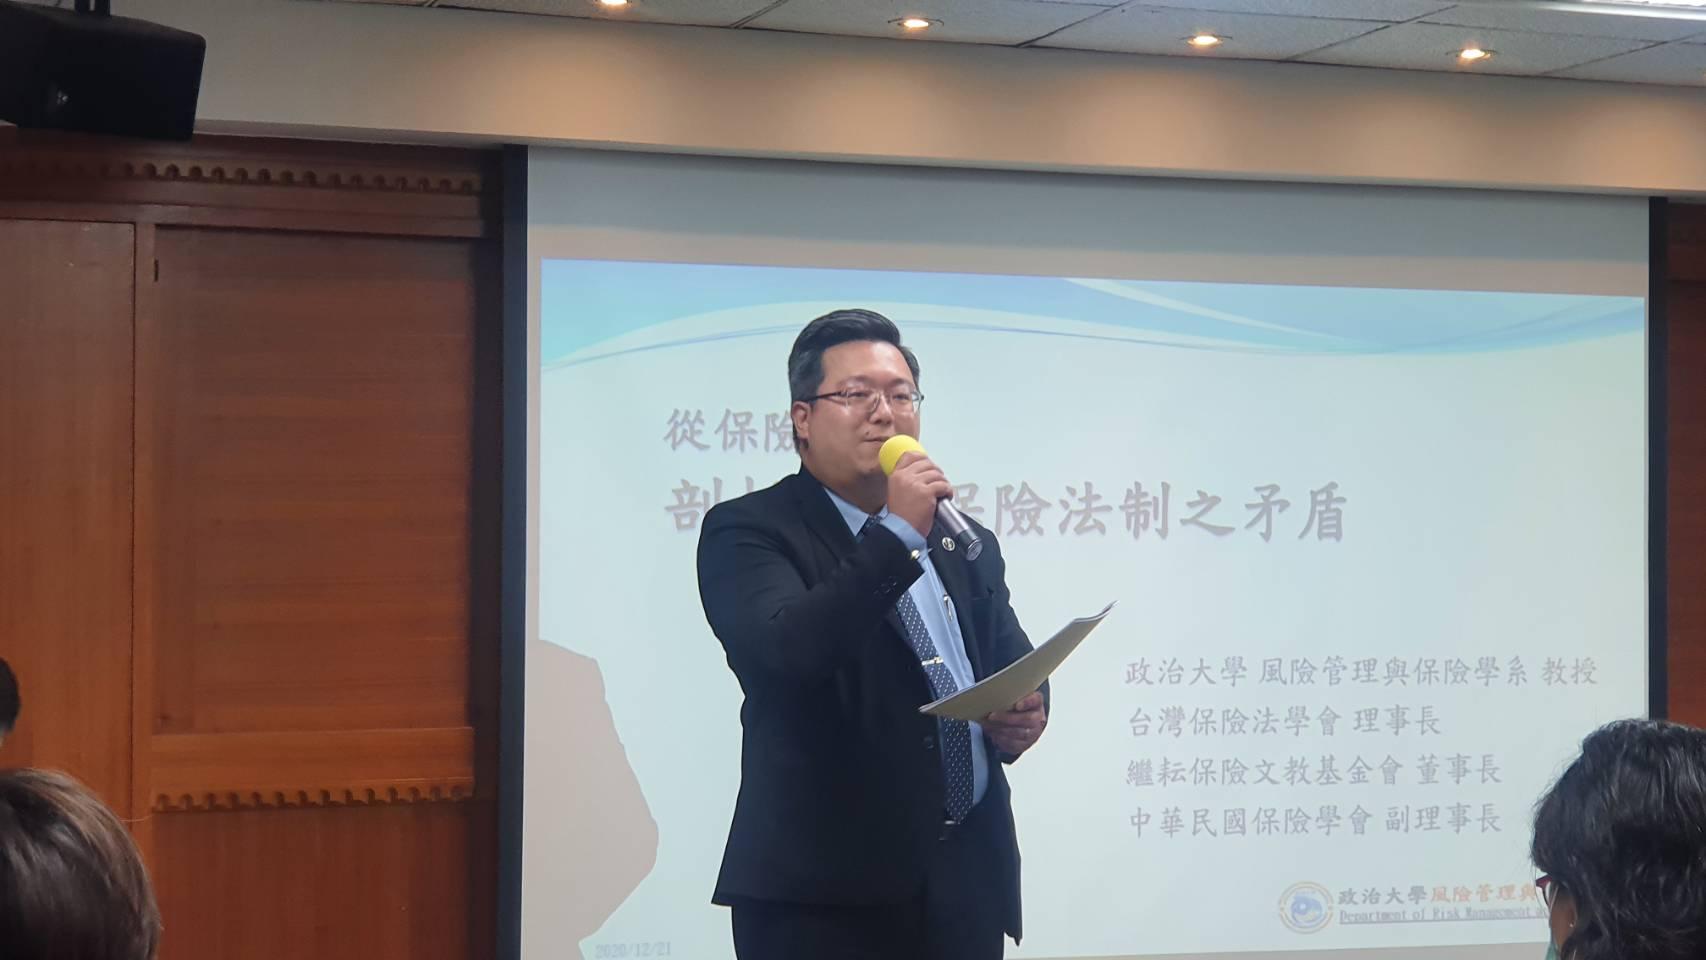 本所陳怡伸律師為台北律師公會籌辦在職進修帶狀課程「保險學理與理賠實務」